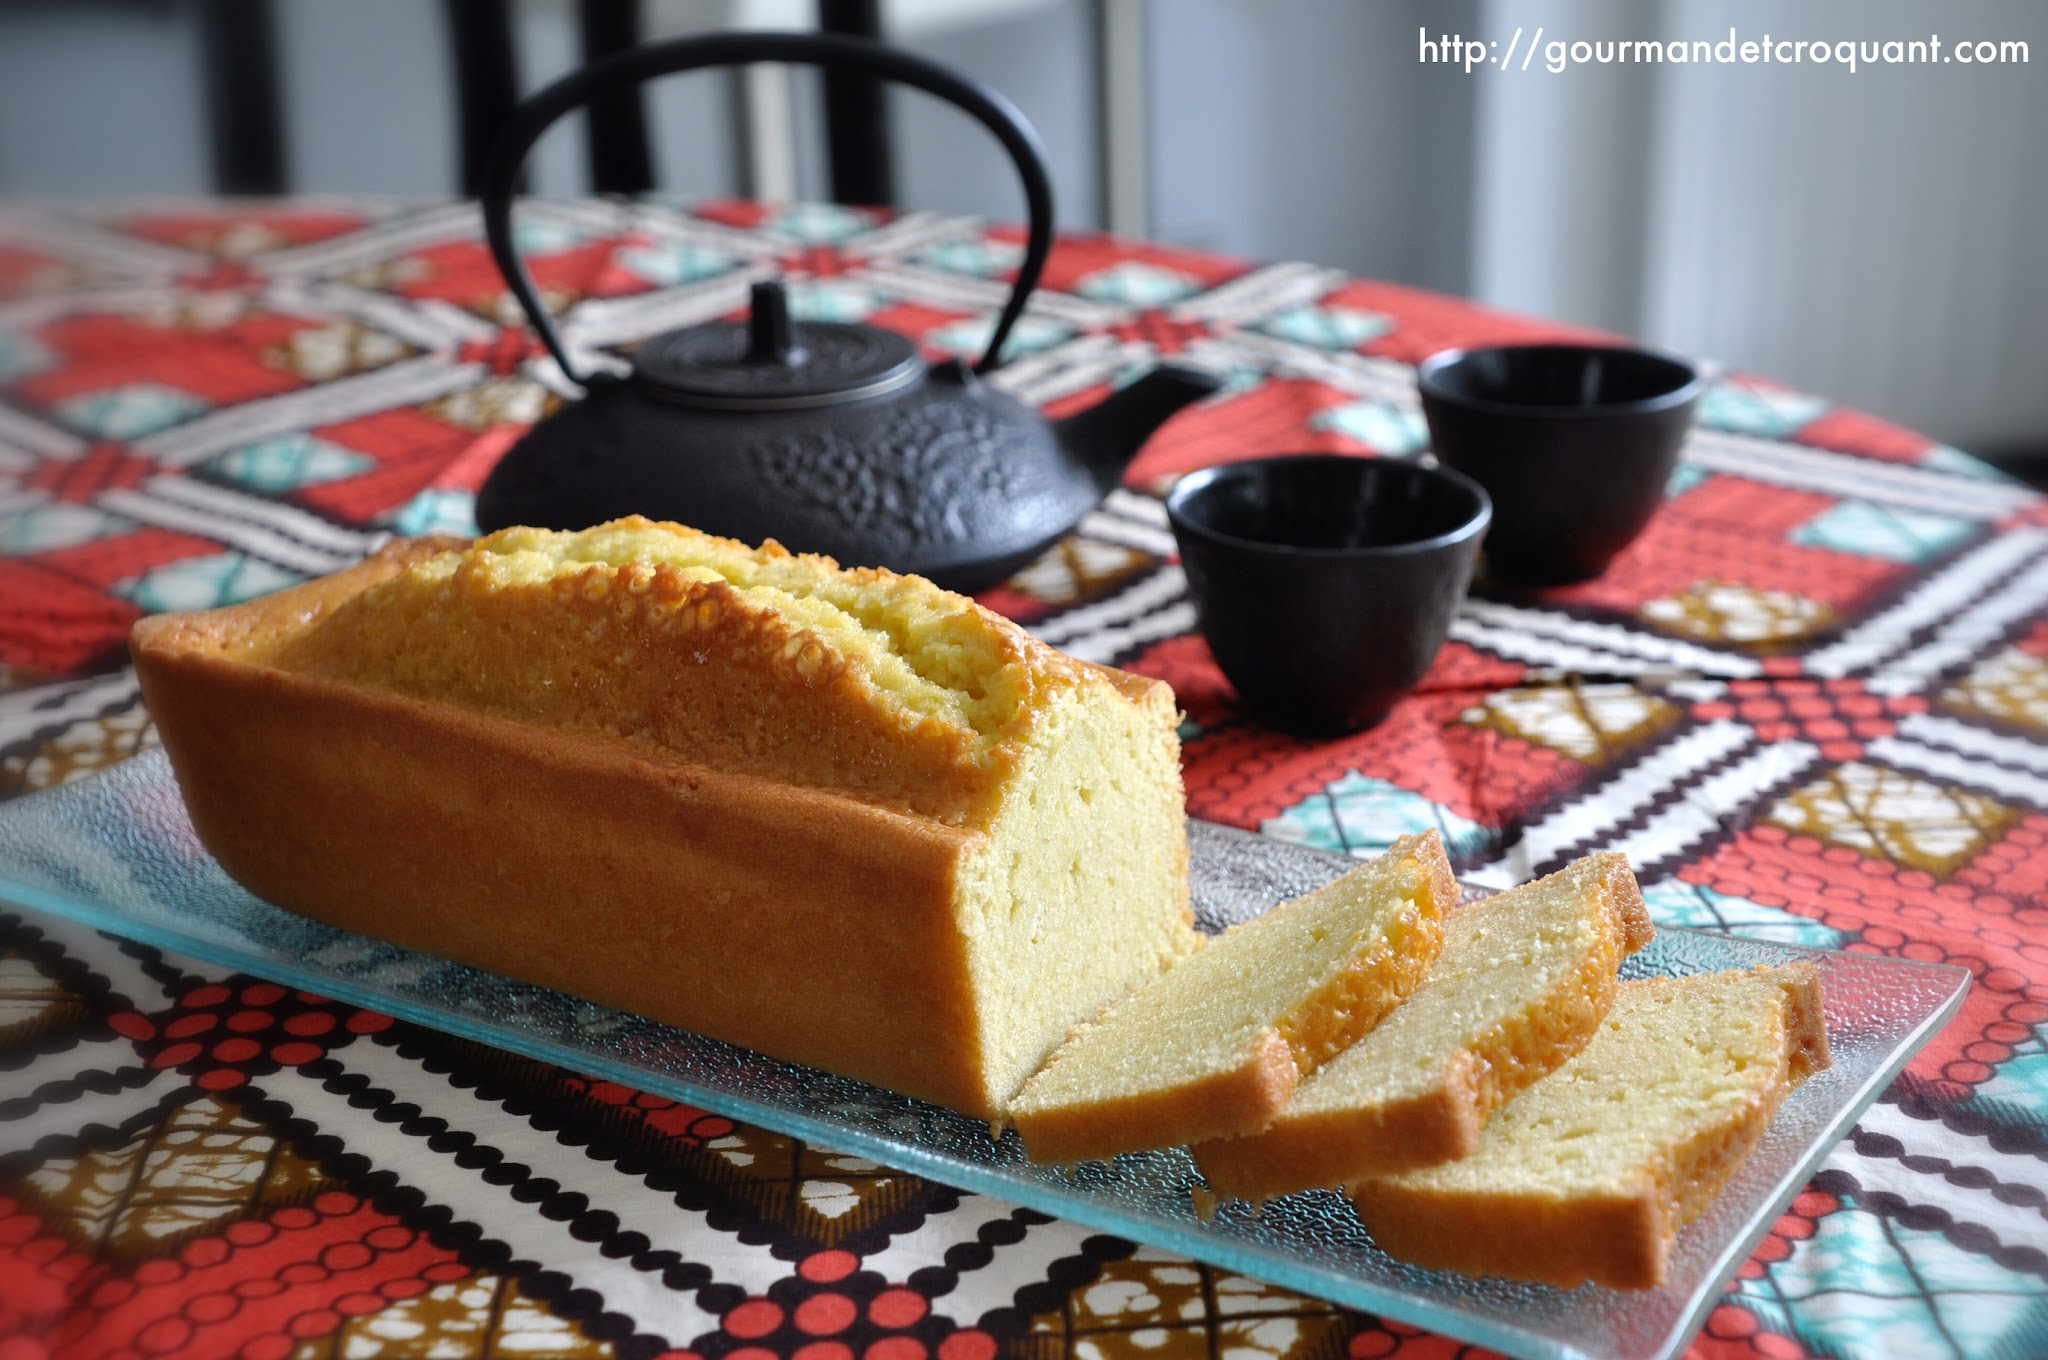 Croquant Gourmand Recette De Cake Au Citron